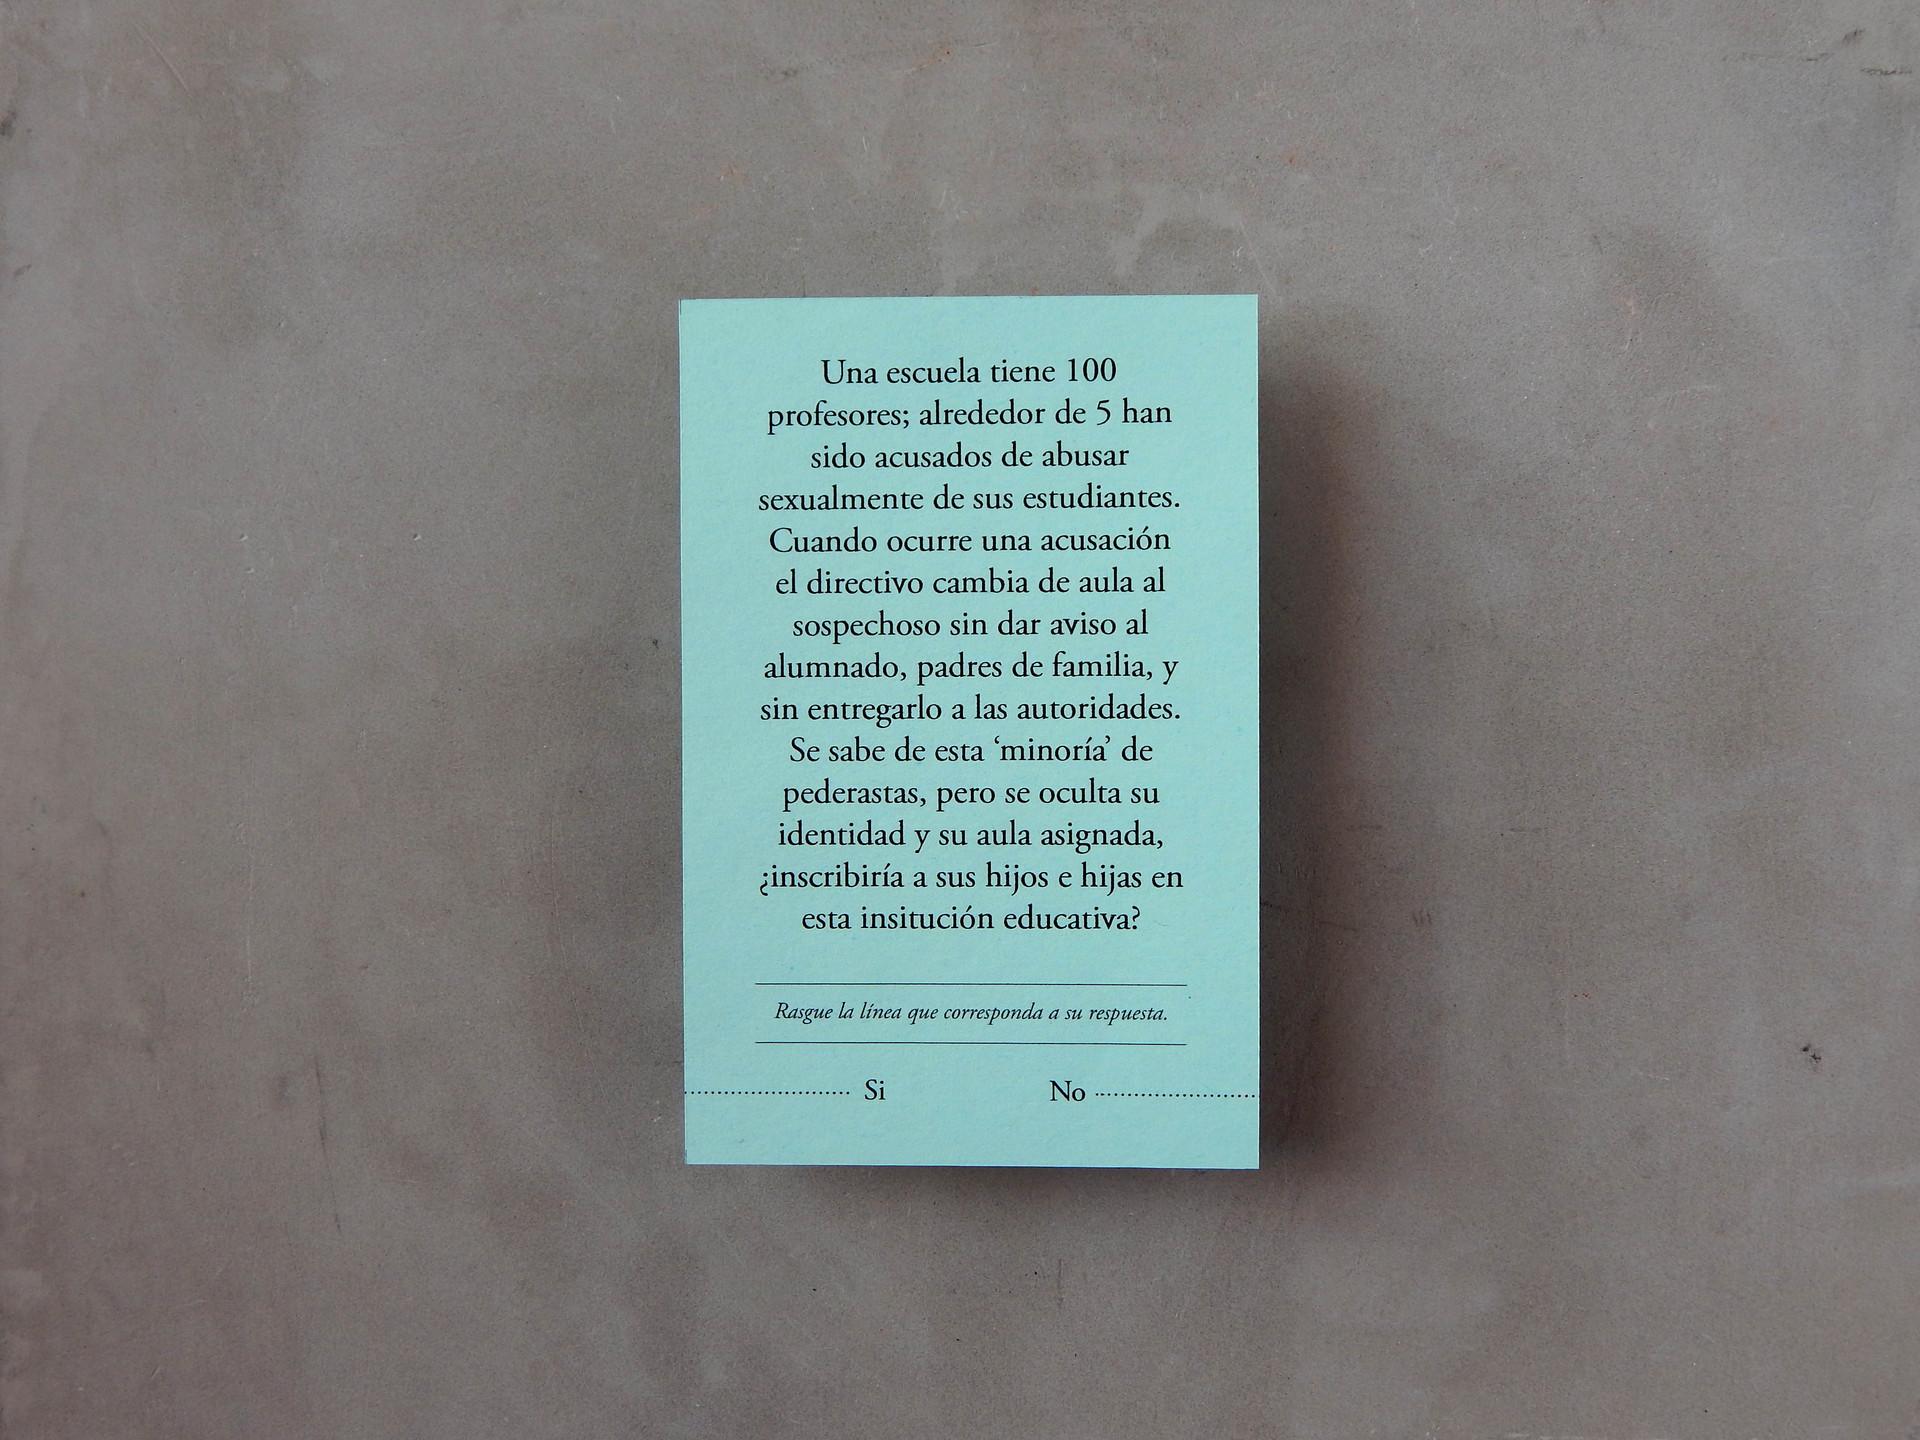 2018 - Censo -7_5x11_5cm 06 -  Ricardo C